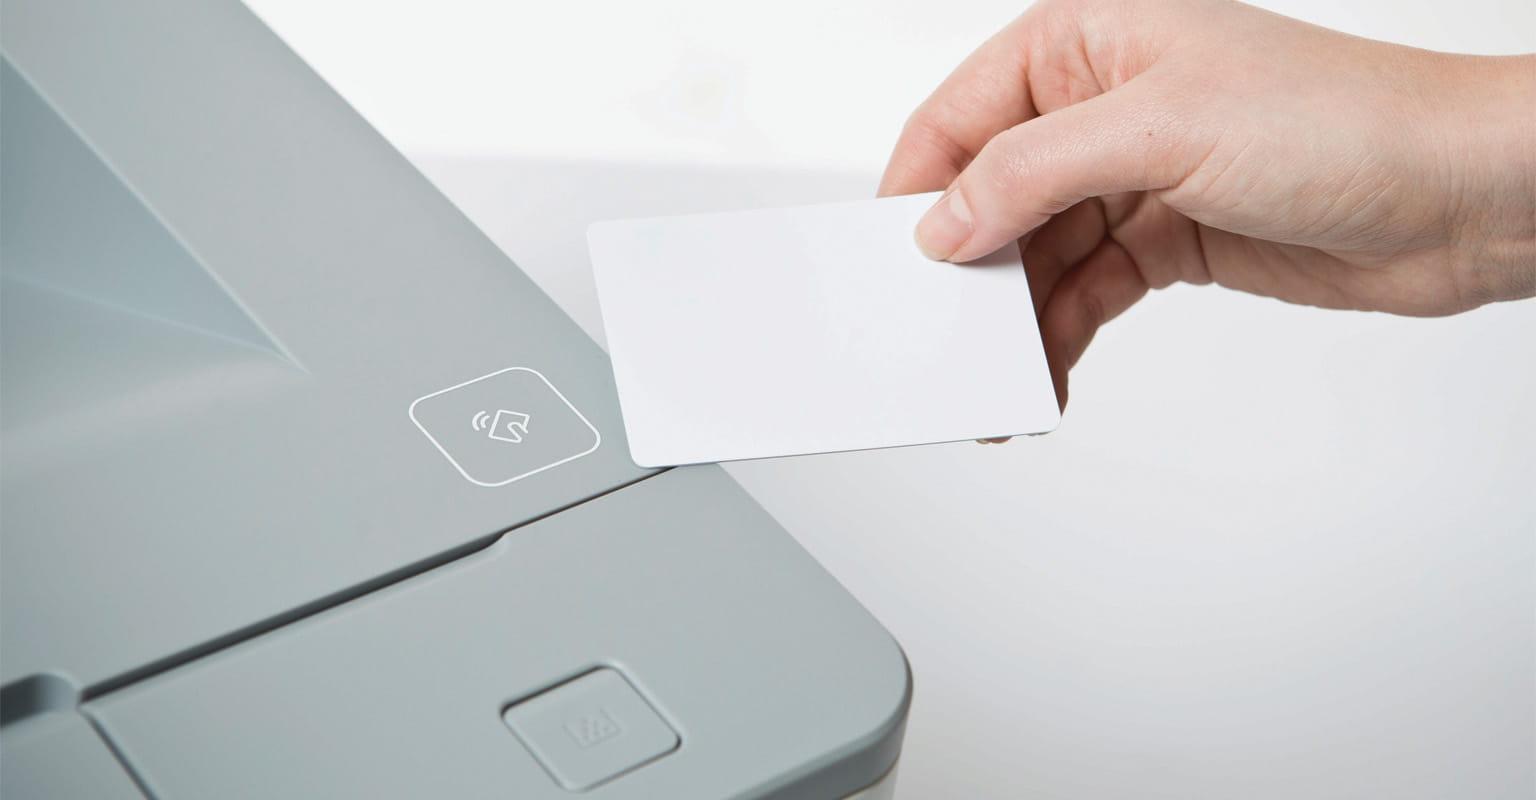 Swiping an ID card to login to a printer